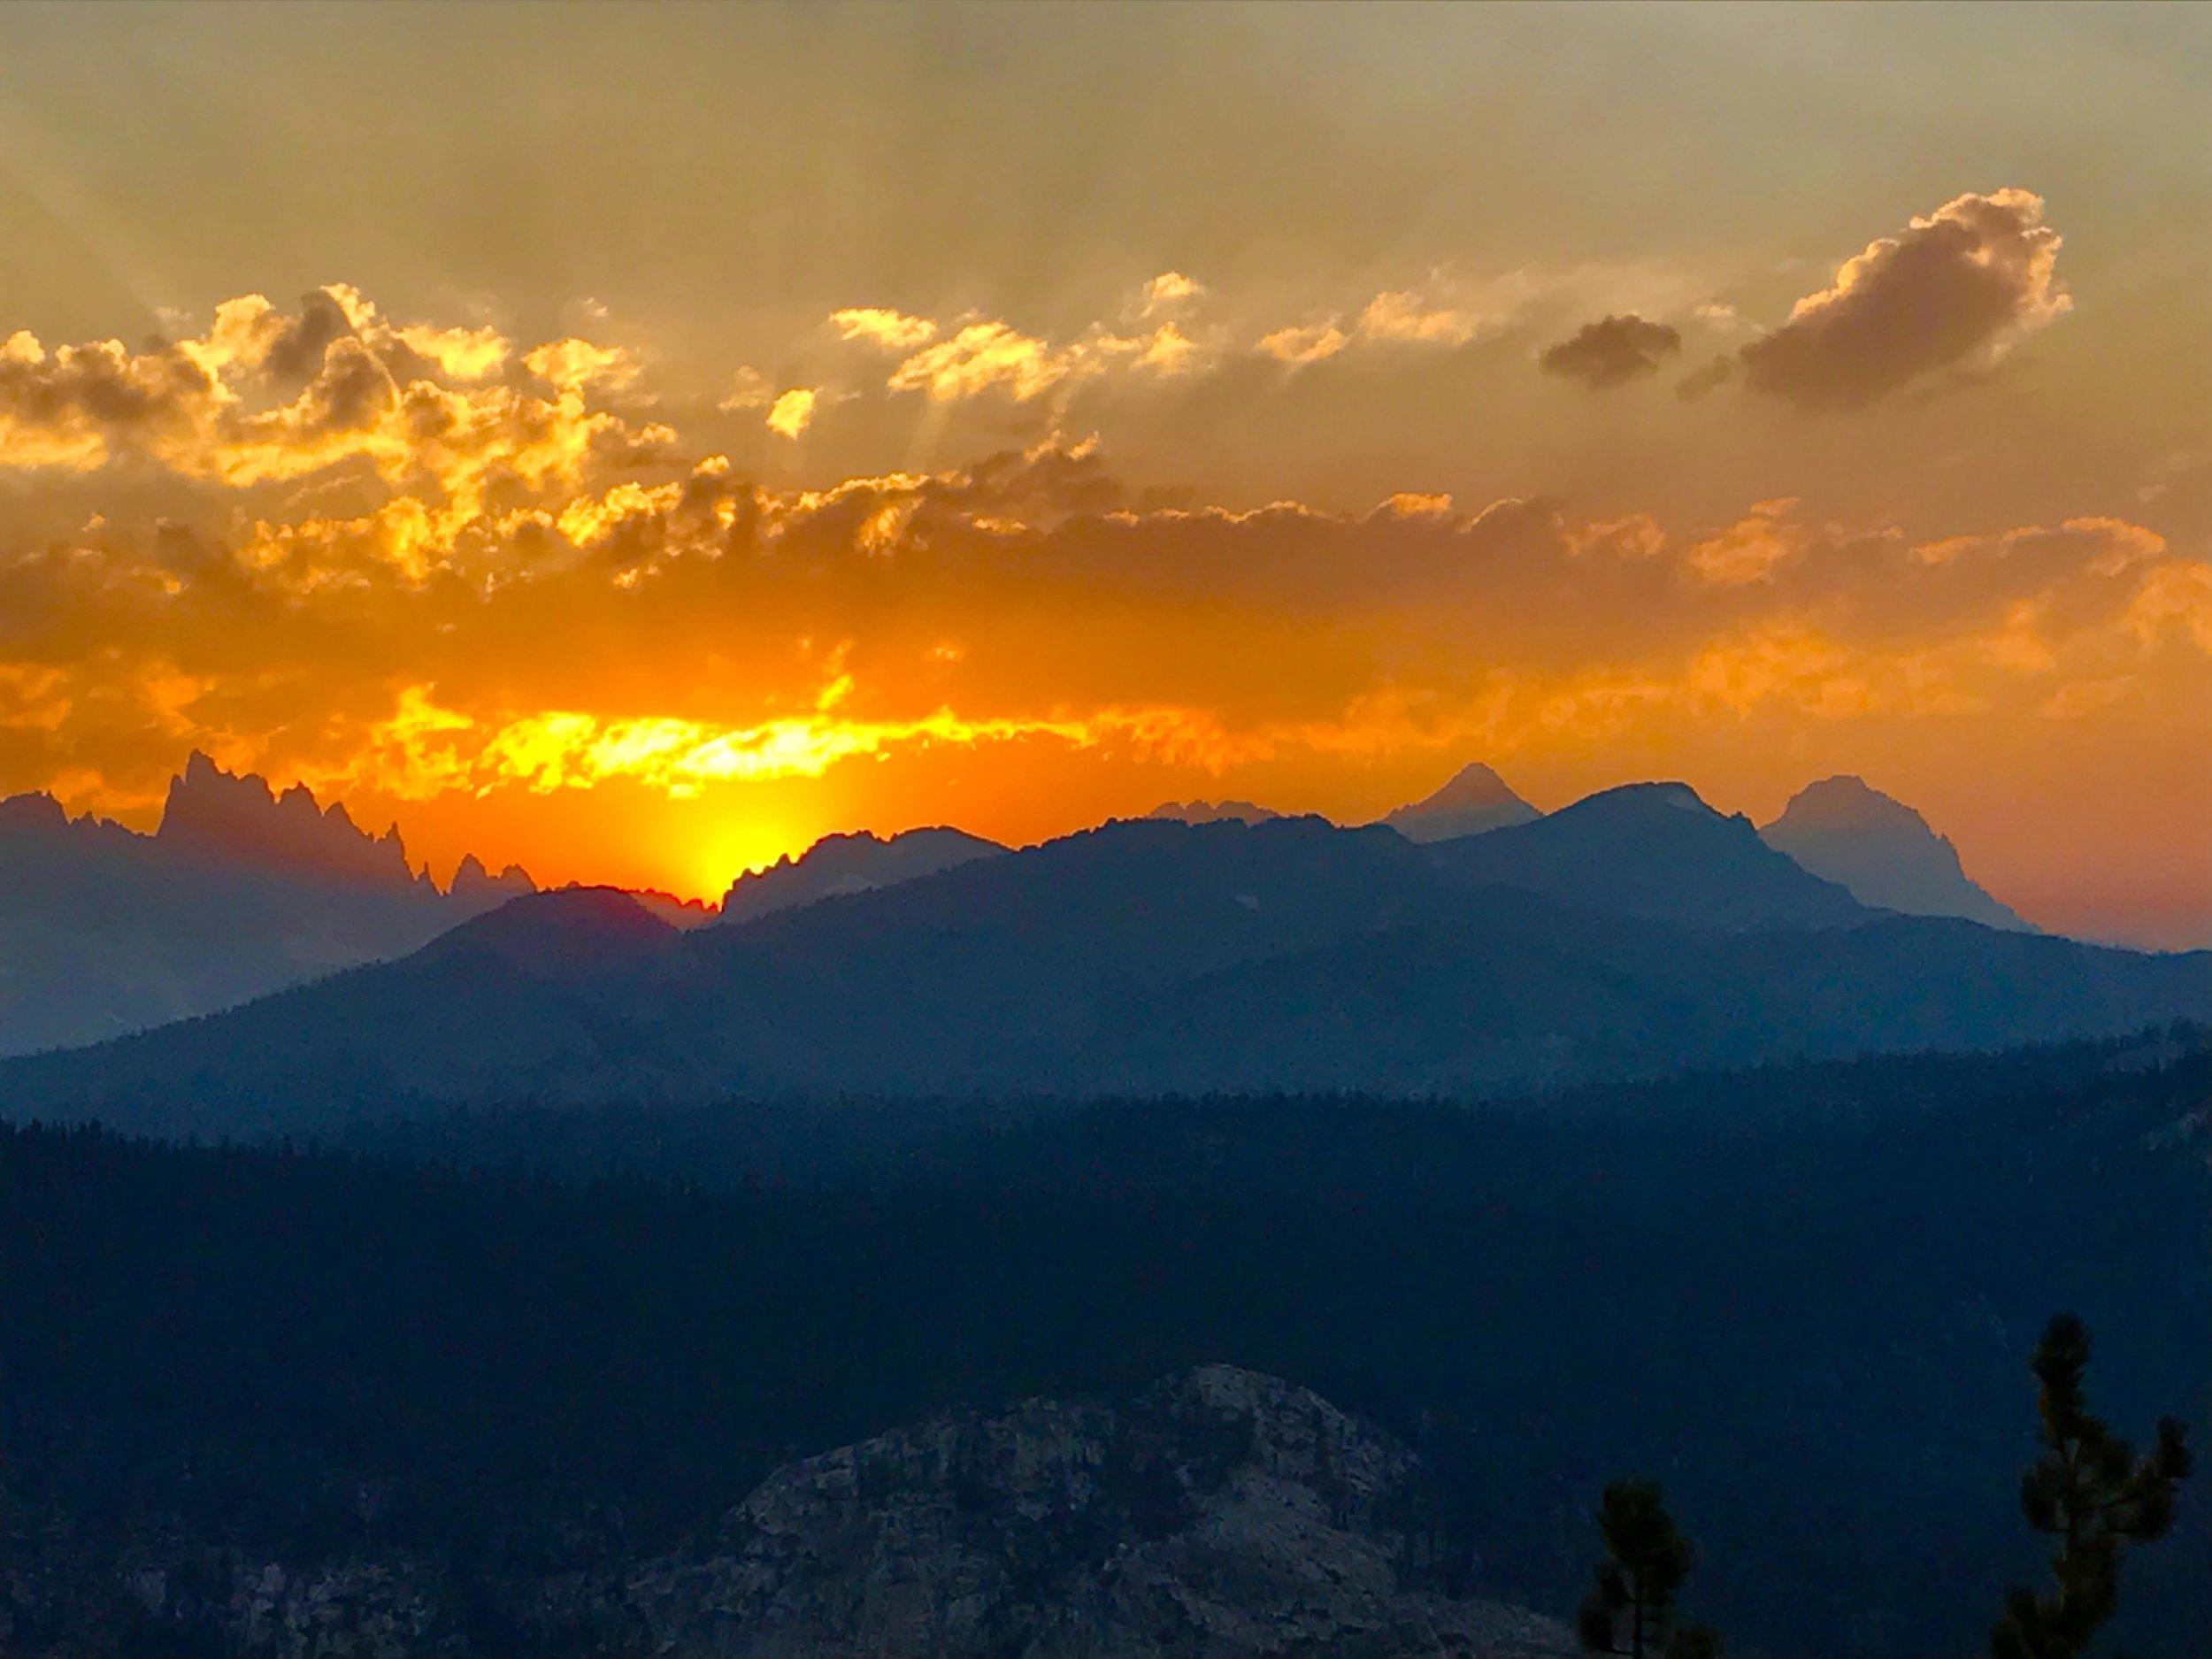 Sunset over the Ritter Range